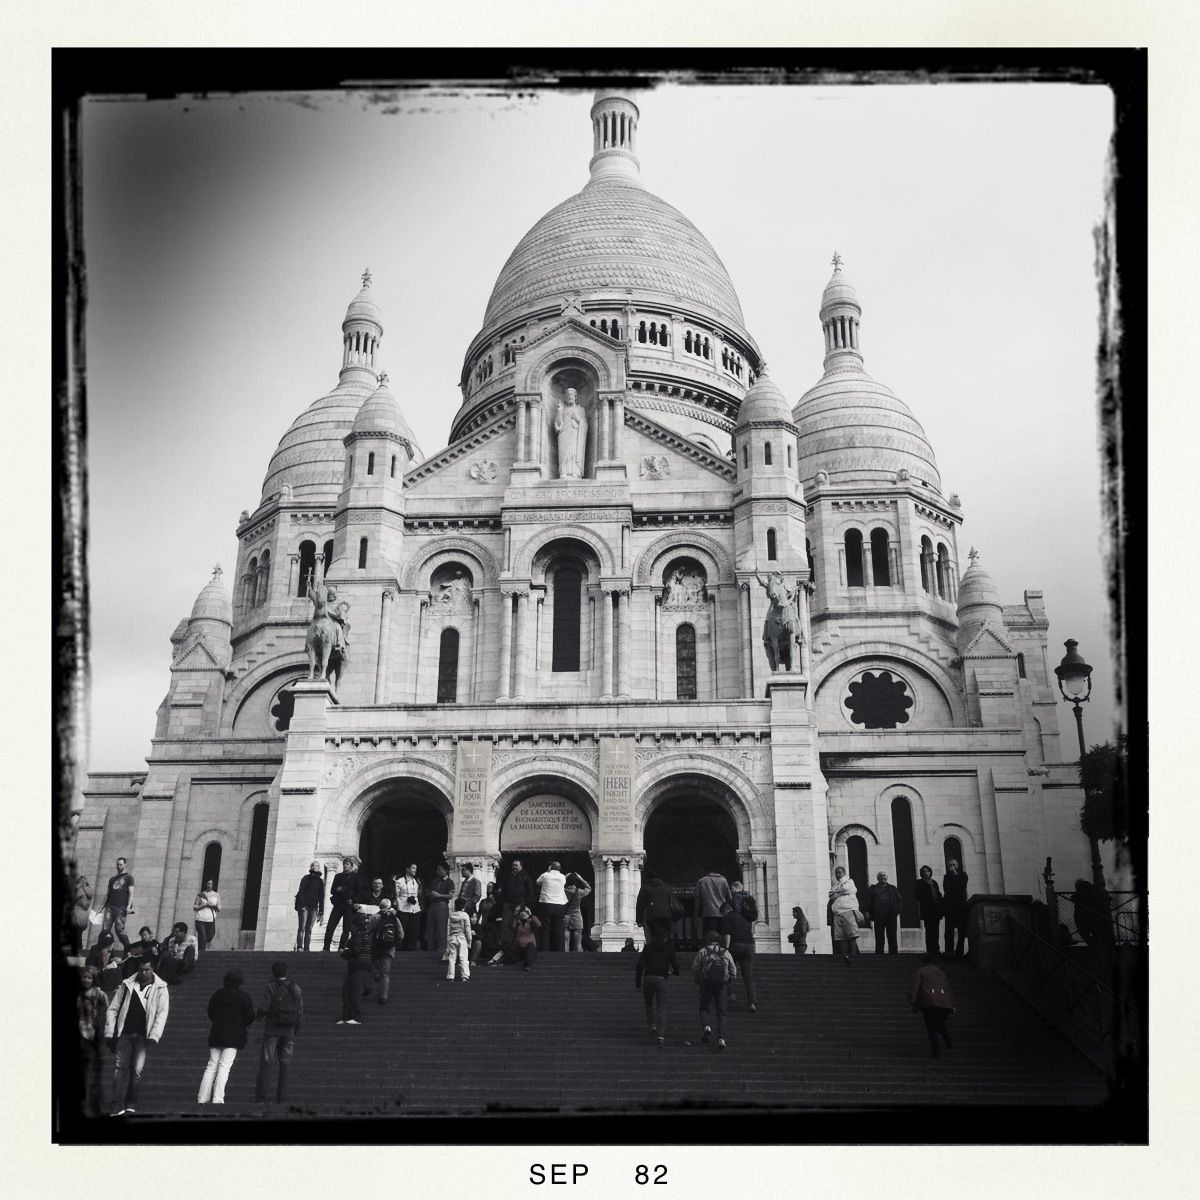 Sacré-Coeur ist das erste Monument, das ich erkenne.